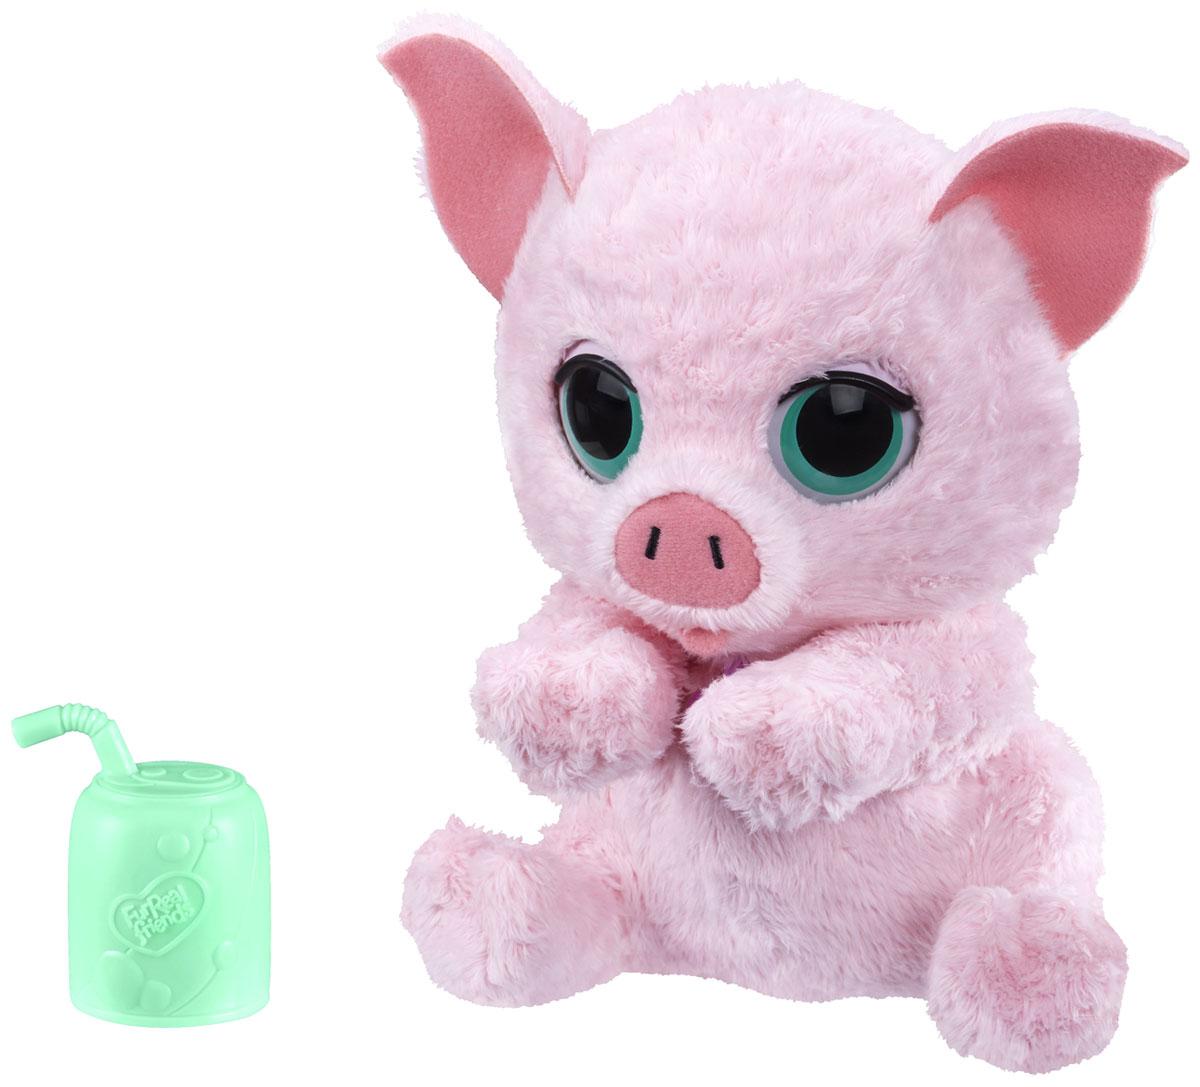 FurReal Friends Интерактивная игрушка СвинкаA9084_B4989Мягкая игрушка FurReal Friends Свинка - доброе существо, которое заставит улыбнуться любого. Она станет отличным другом для малыша. На шее у свинки висит кулон в форме сердечка. Маленькая свинка станет верным и любимым спутником ребенка, с которым он проведет много времени игры. Малышу придется заботиться о ней. А в тот момент, когда у ребенка нет настроения, свинка всегда готова выручить и развеселить его, задорно похрюкав. К свинке прилагается поильник, приложив который к ее рту, она будет издавать звуки. Рекомендуется докупить 3 батарейки напряжением 1,5V типа LR44 (товар комплектуется демонстрационными).